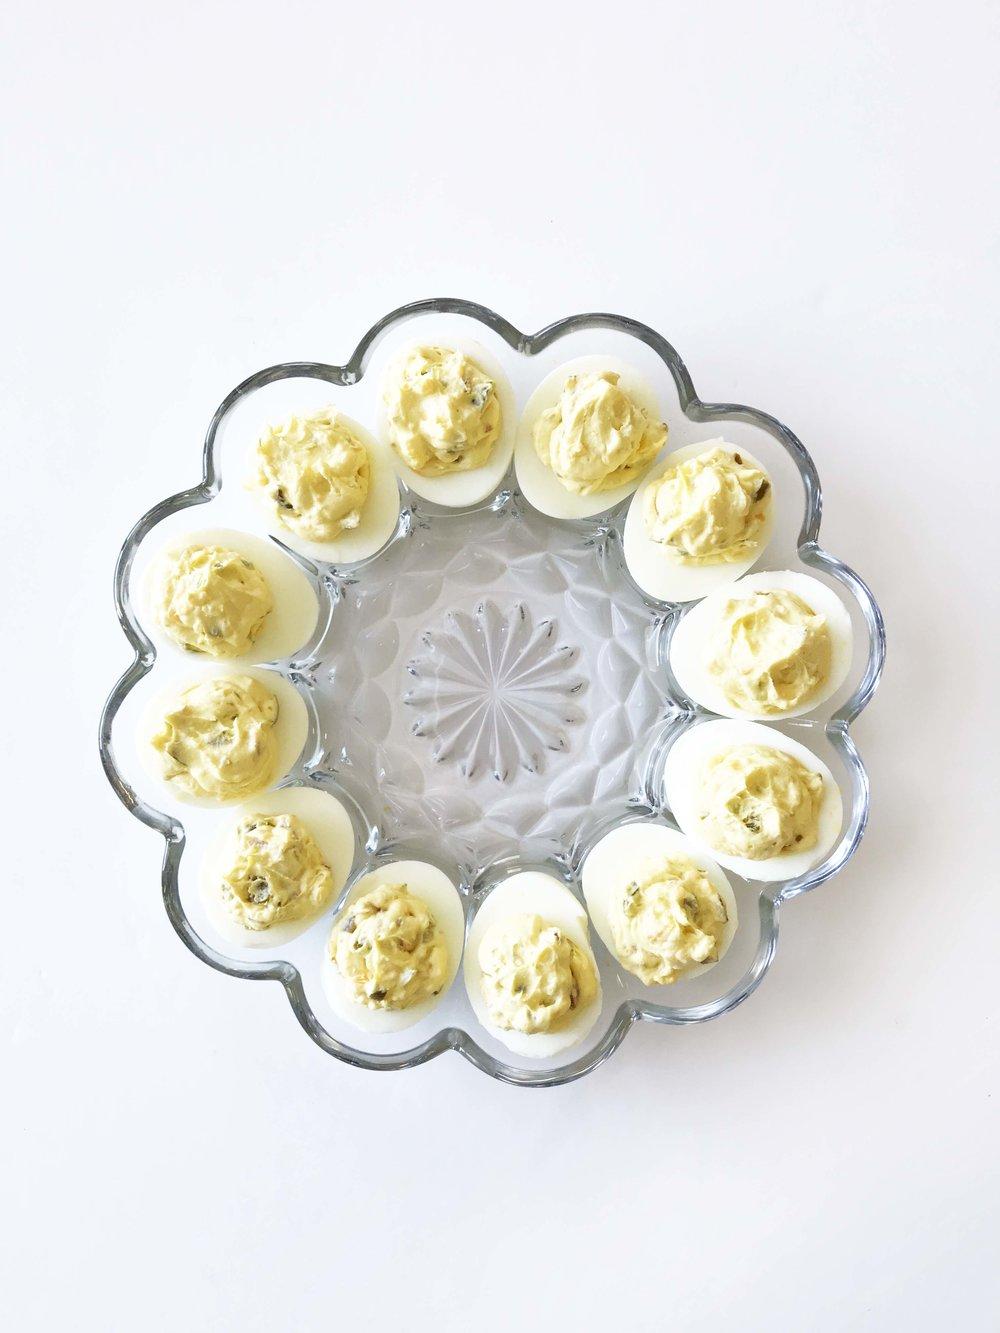 popper-deviled-eggs5.jpg